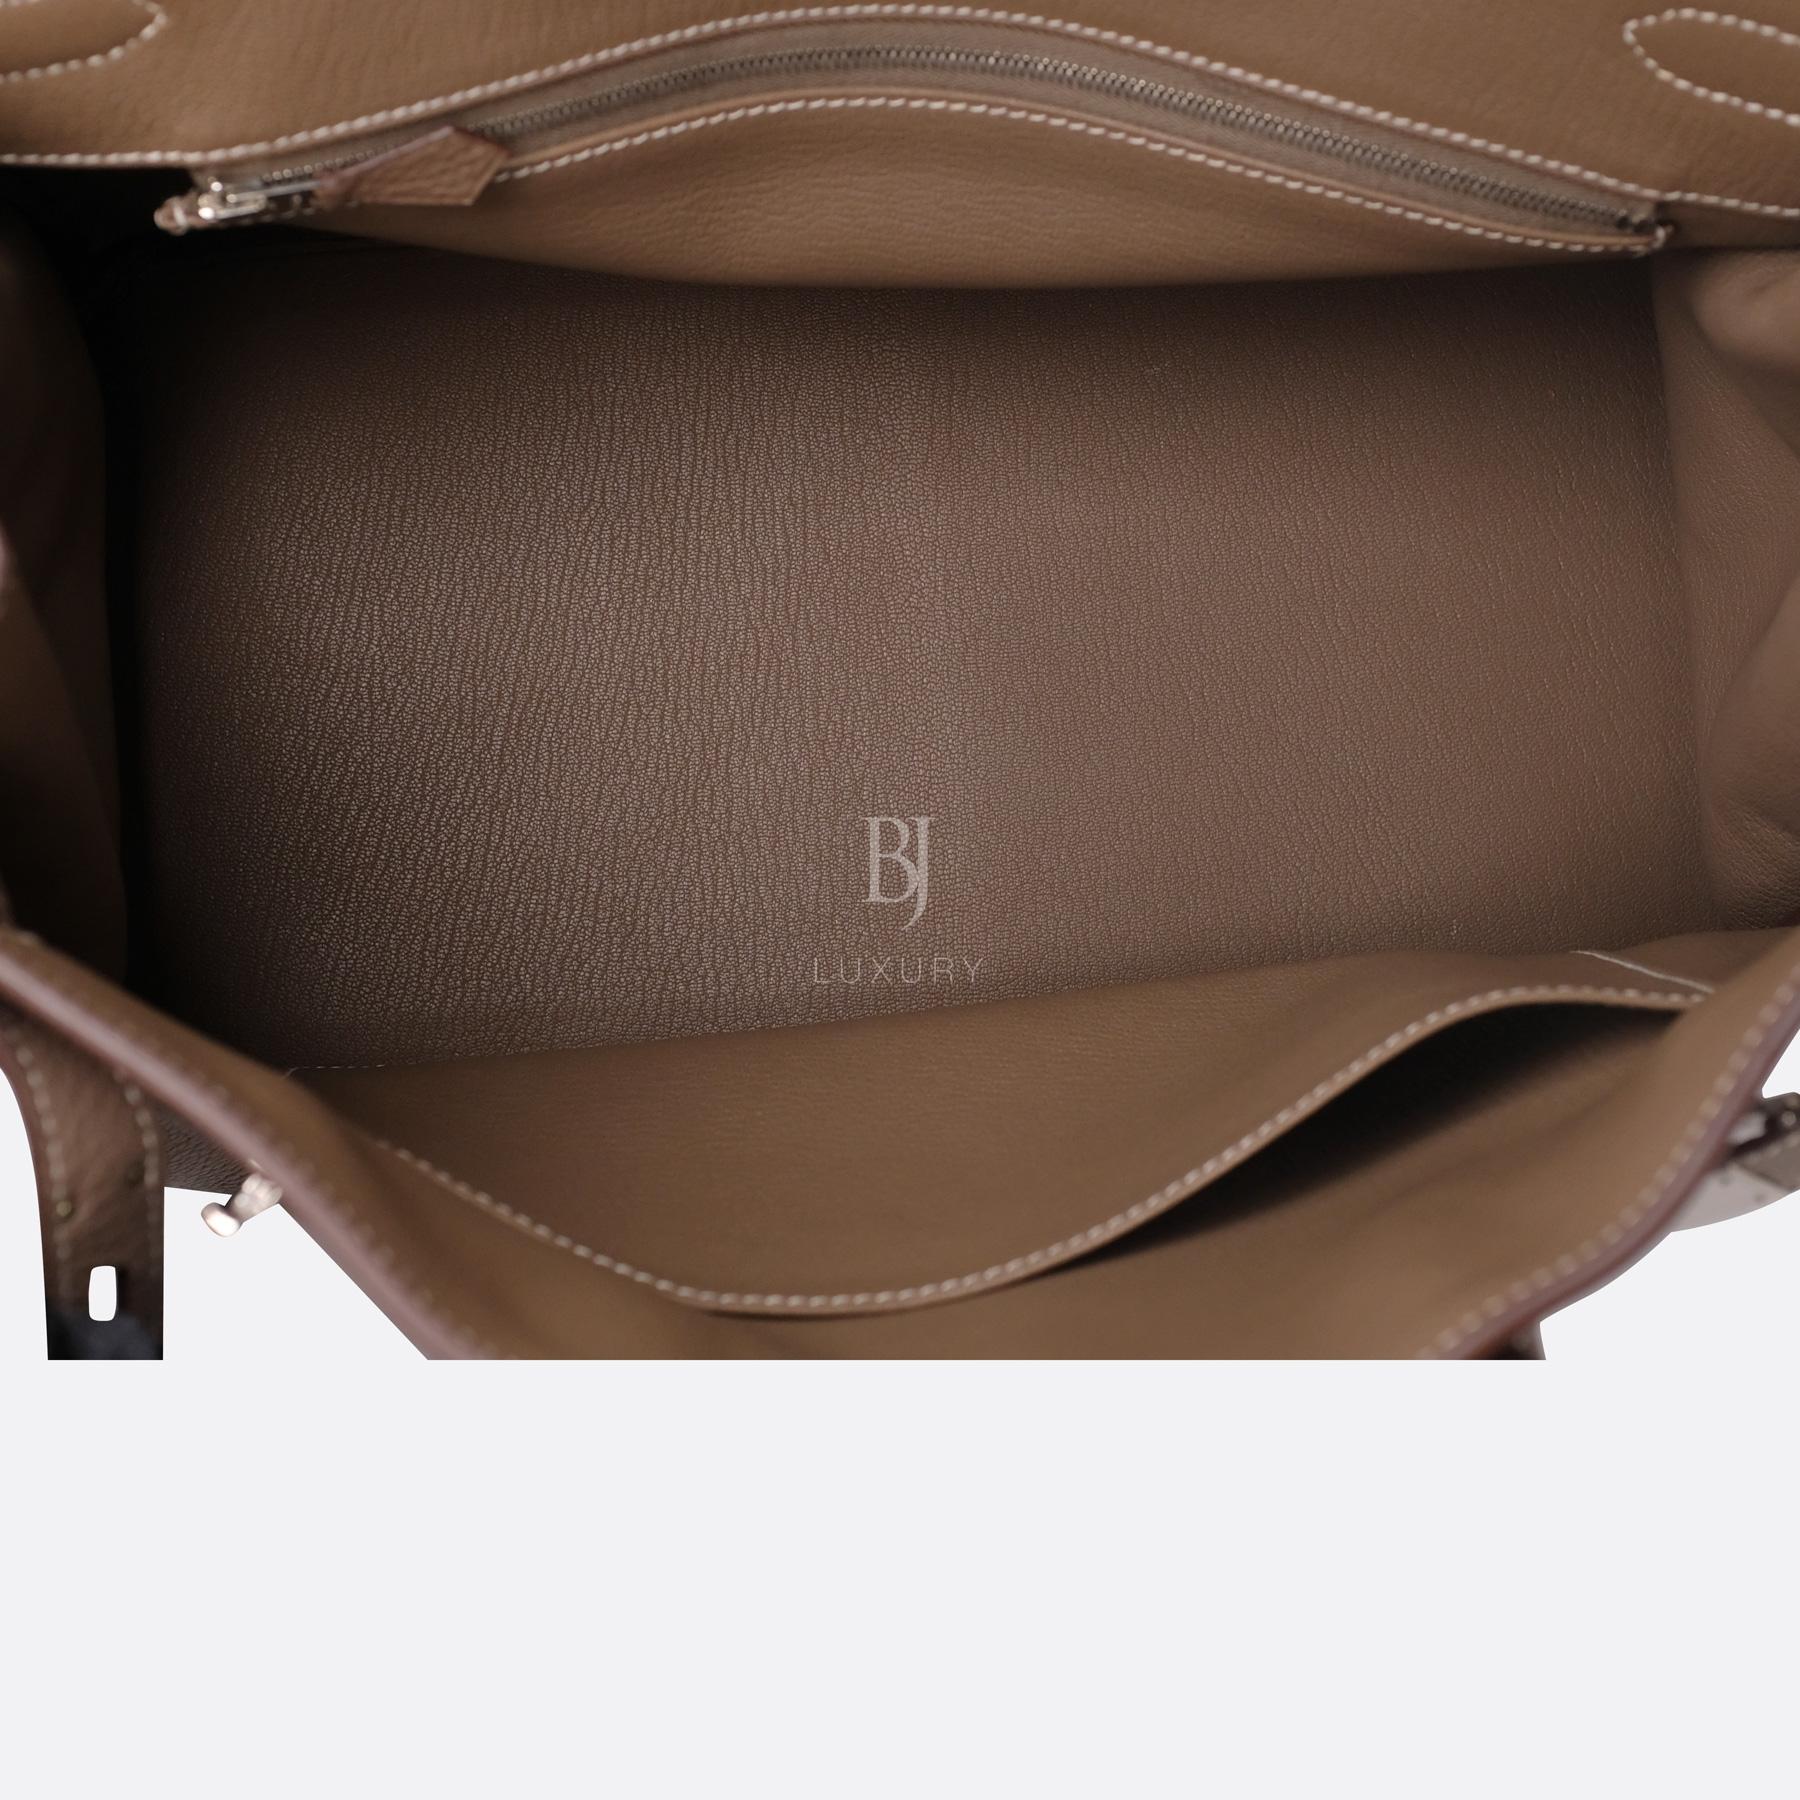 Hemes Birkin 35 Etoupe Palladium Togo BJ Luxury 16.jpg